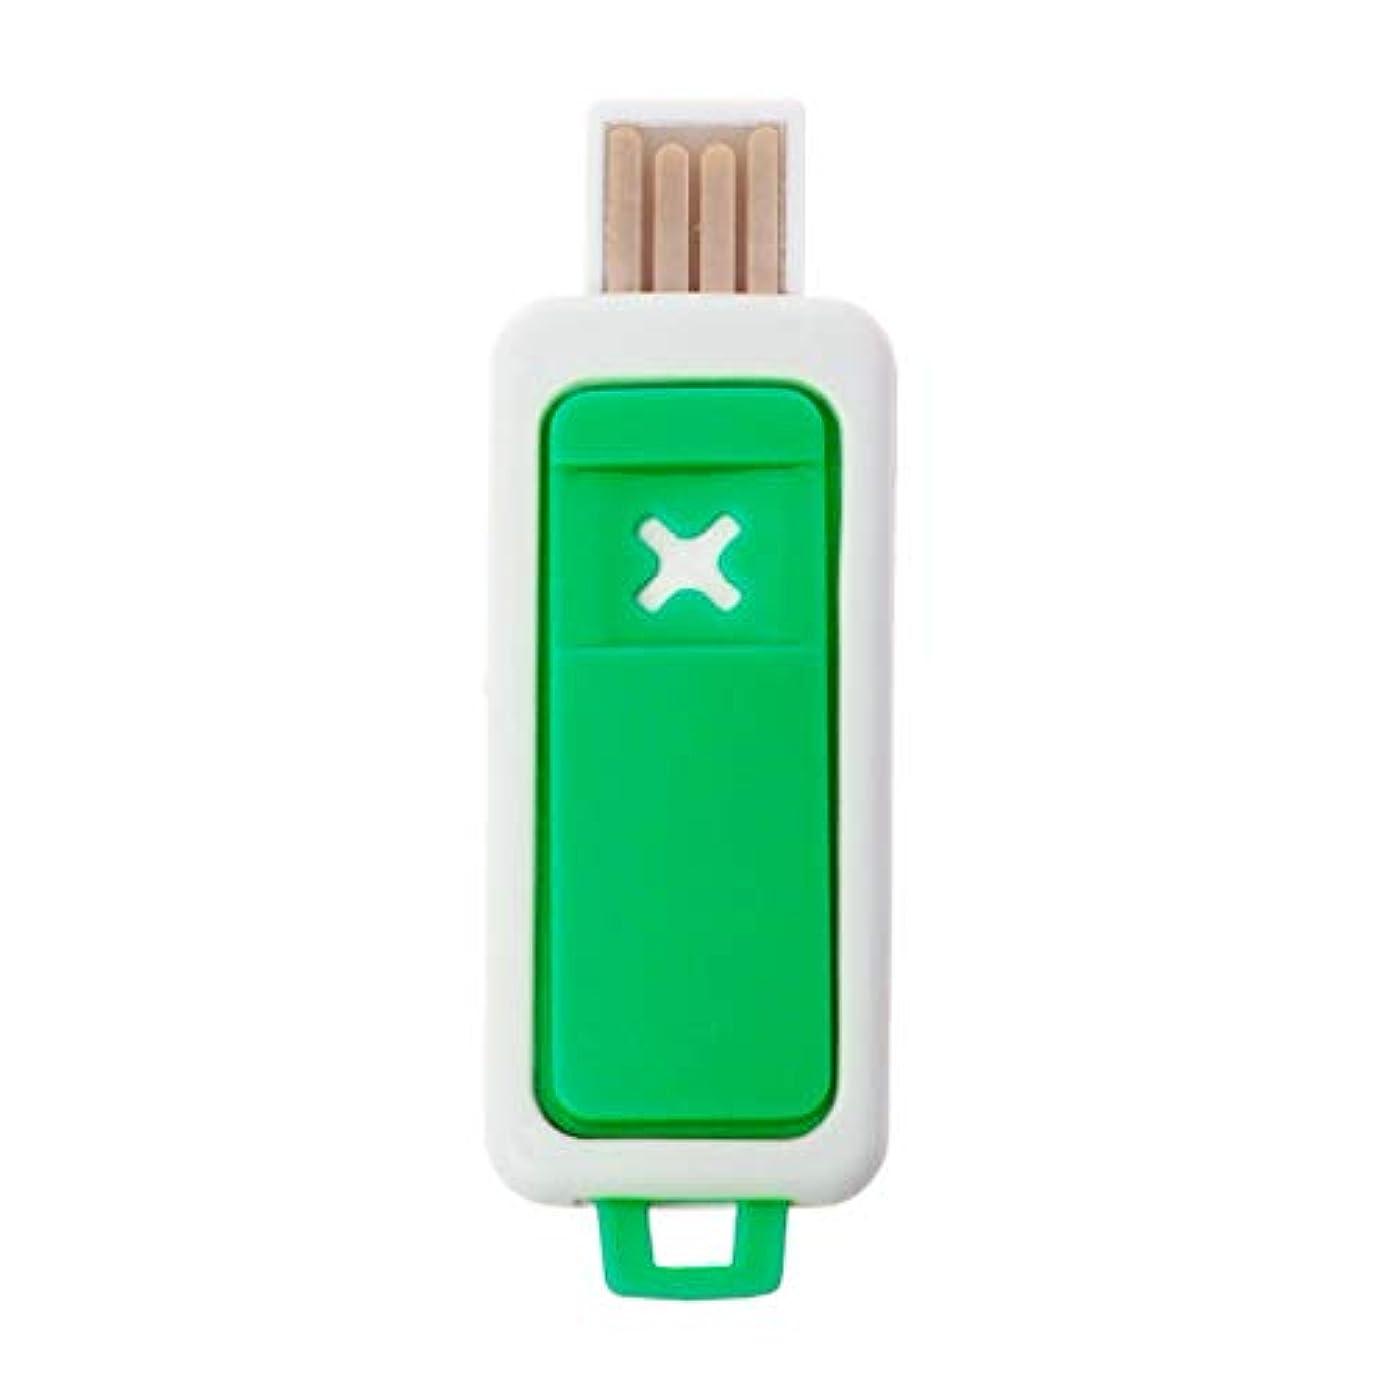 シンクシェルター良性SimpleLife ポータブルミニエッセンシャルオイルディフューザーアロマUSBアロマセラピー加湿器デバイス(グリーン2.3x6.7cm / 0.91x2.64in)